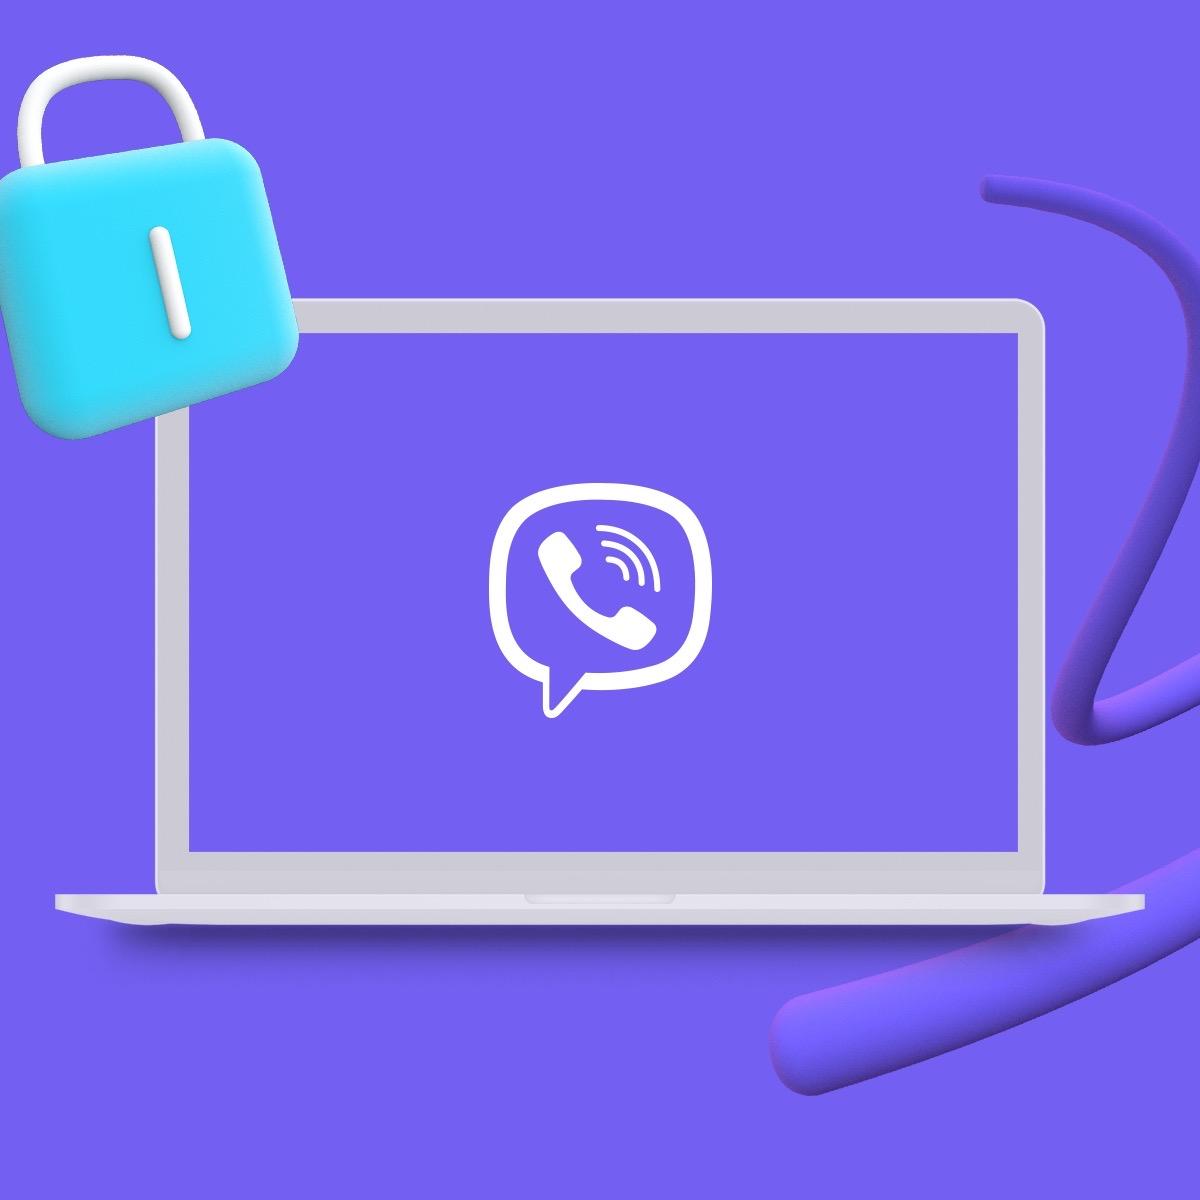 Встроенные в Viber дополнительные функции безопасности